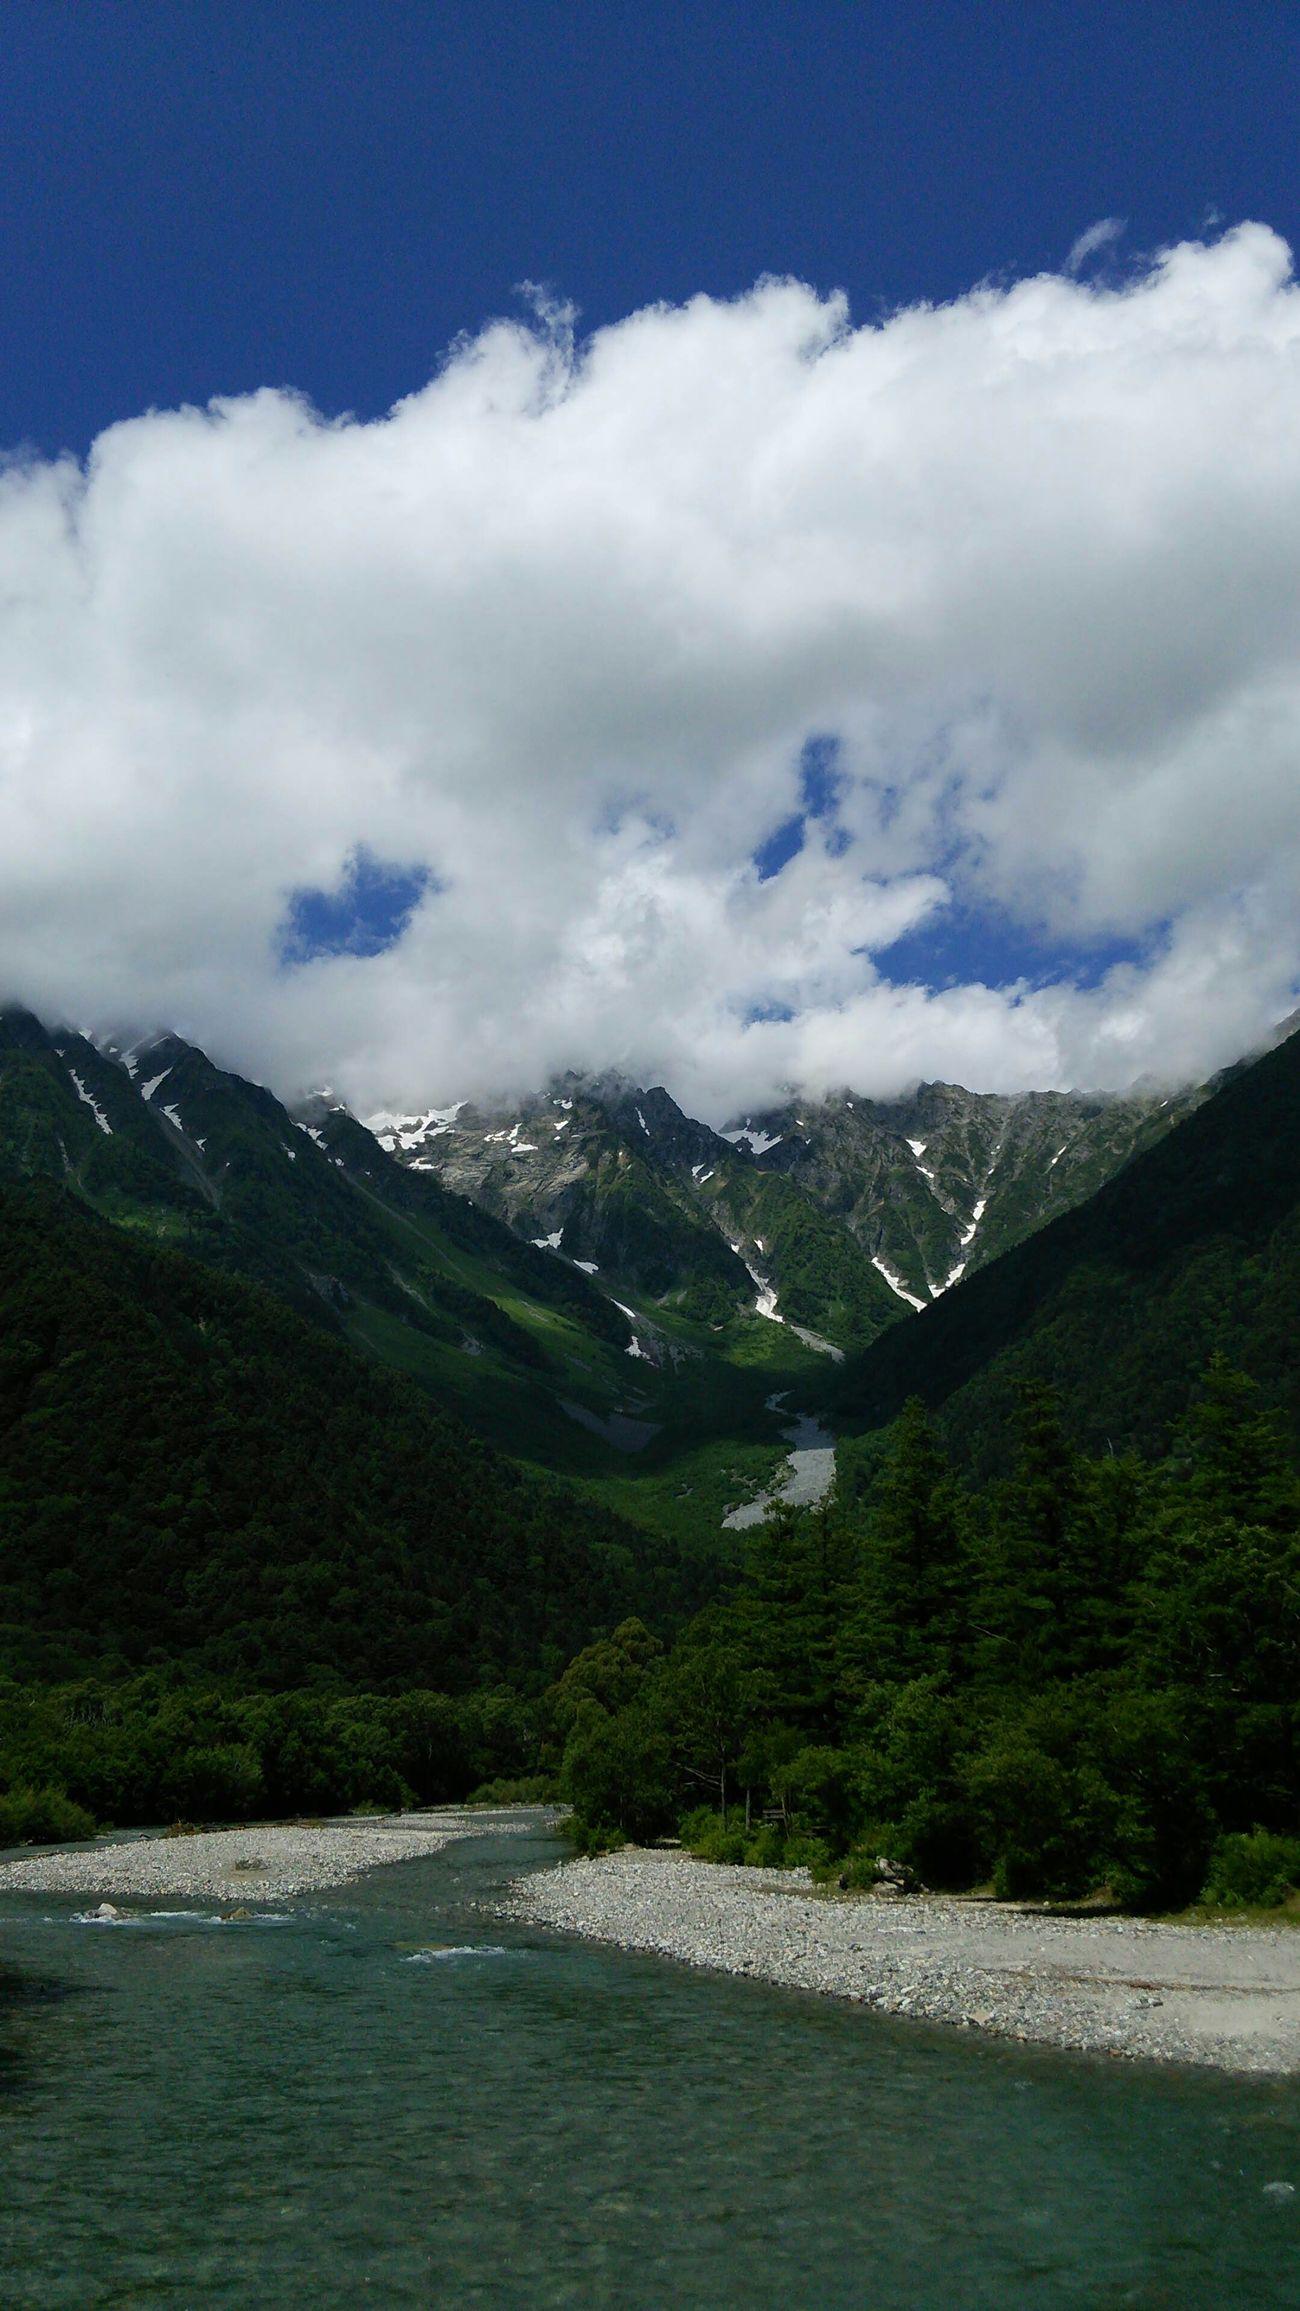 2015.7.2-3 お天気も梅雨の中休み 雨の心配なく、大正池から明神池までの自然を満喫できました♪ Japan Nature 梓川 穂高 Cool Japan